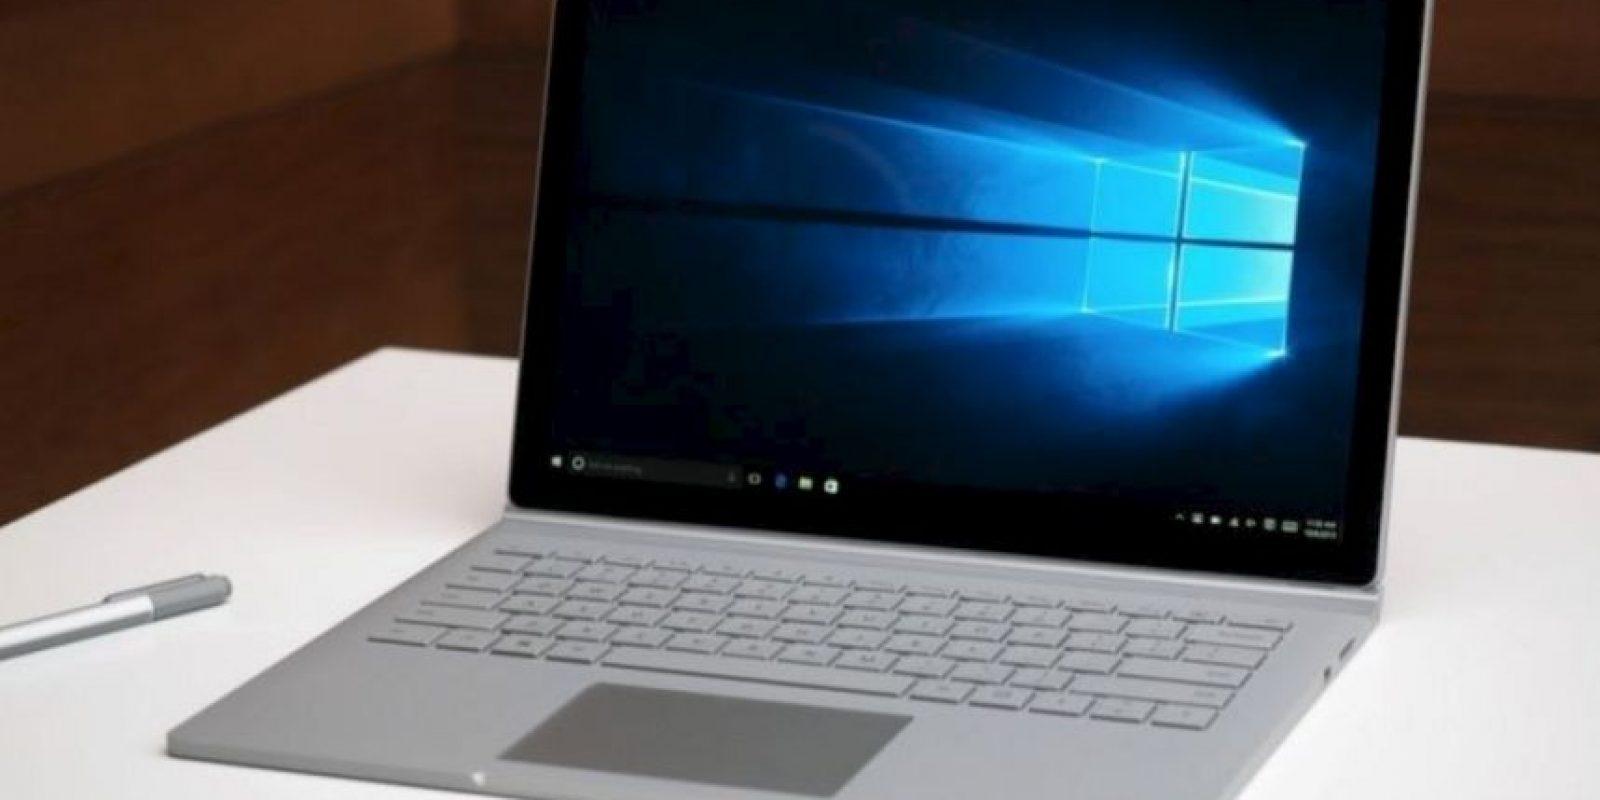 Quizás lo más interesante del teclado en la nueva Surface sea la posibilidad de desprenderse de la pantalla. Además de contar con una bisagra bautizada como Dynamic Fulcrum Hinge. Foto:Microsoft